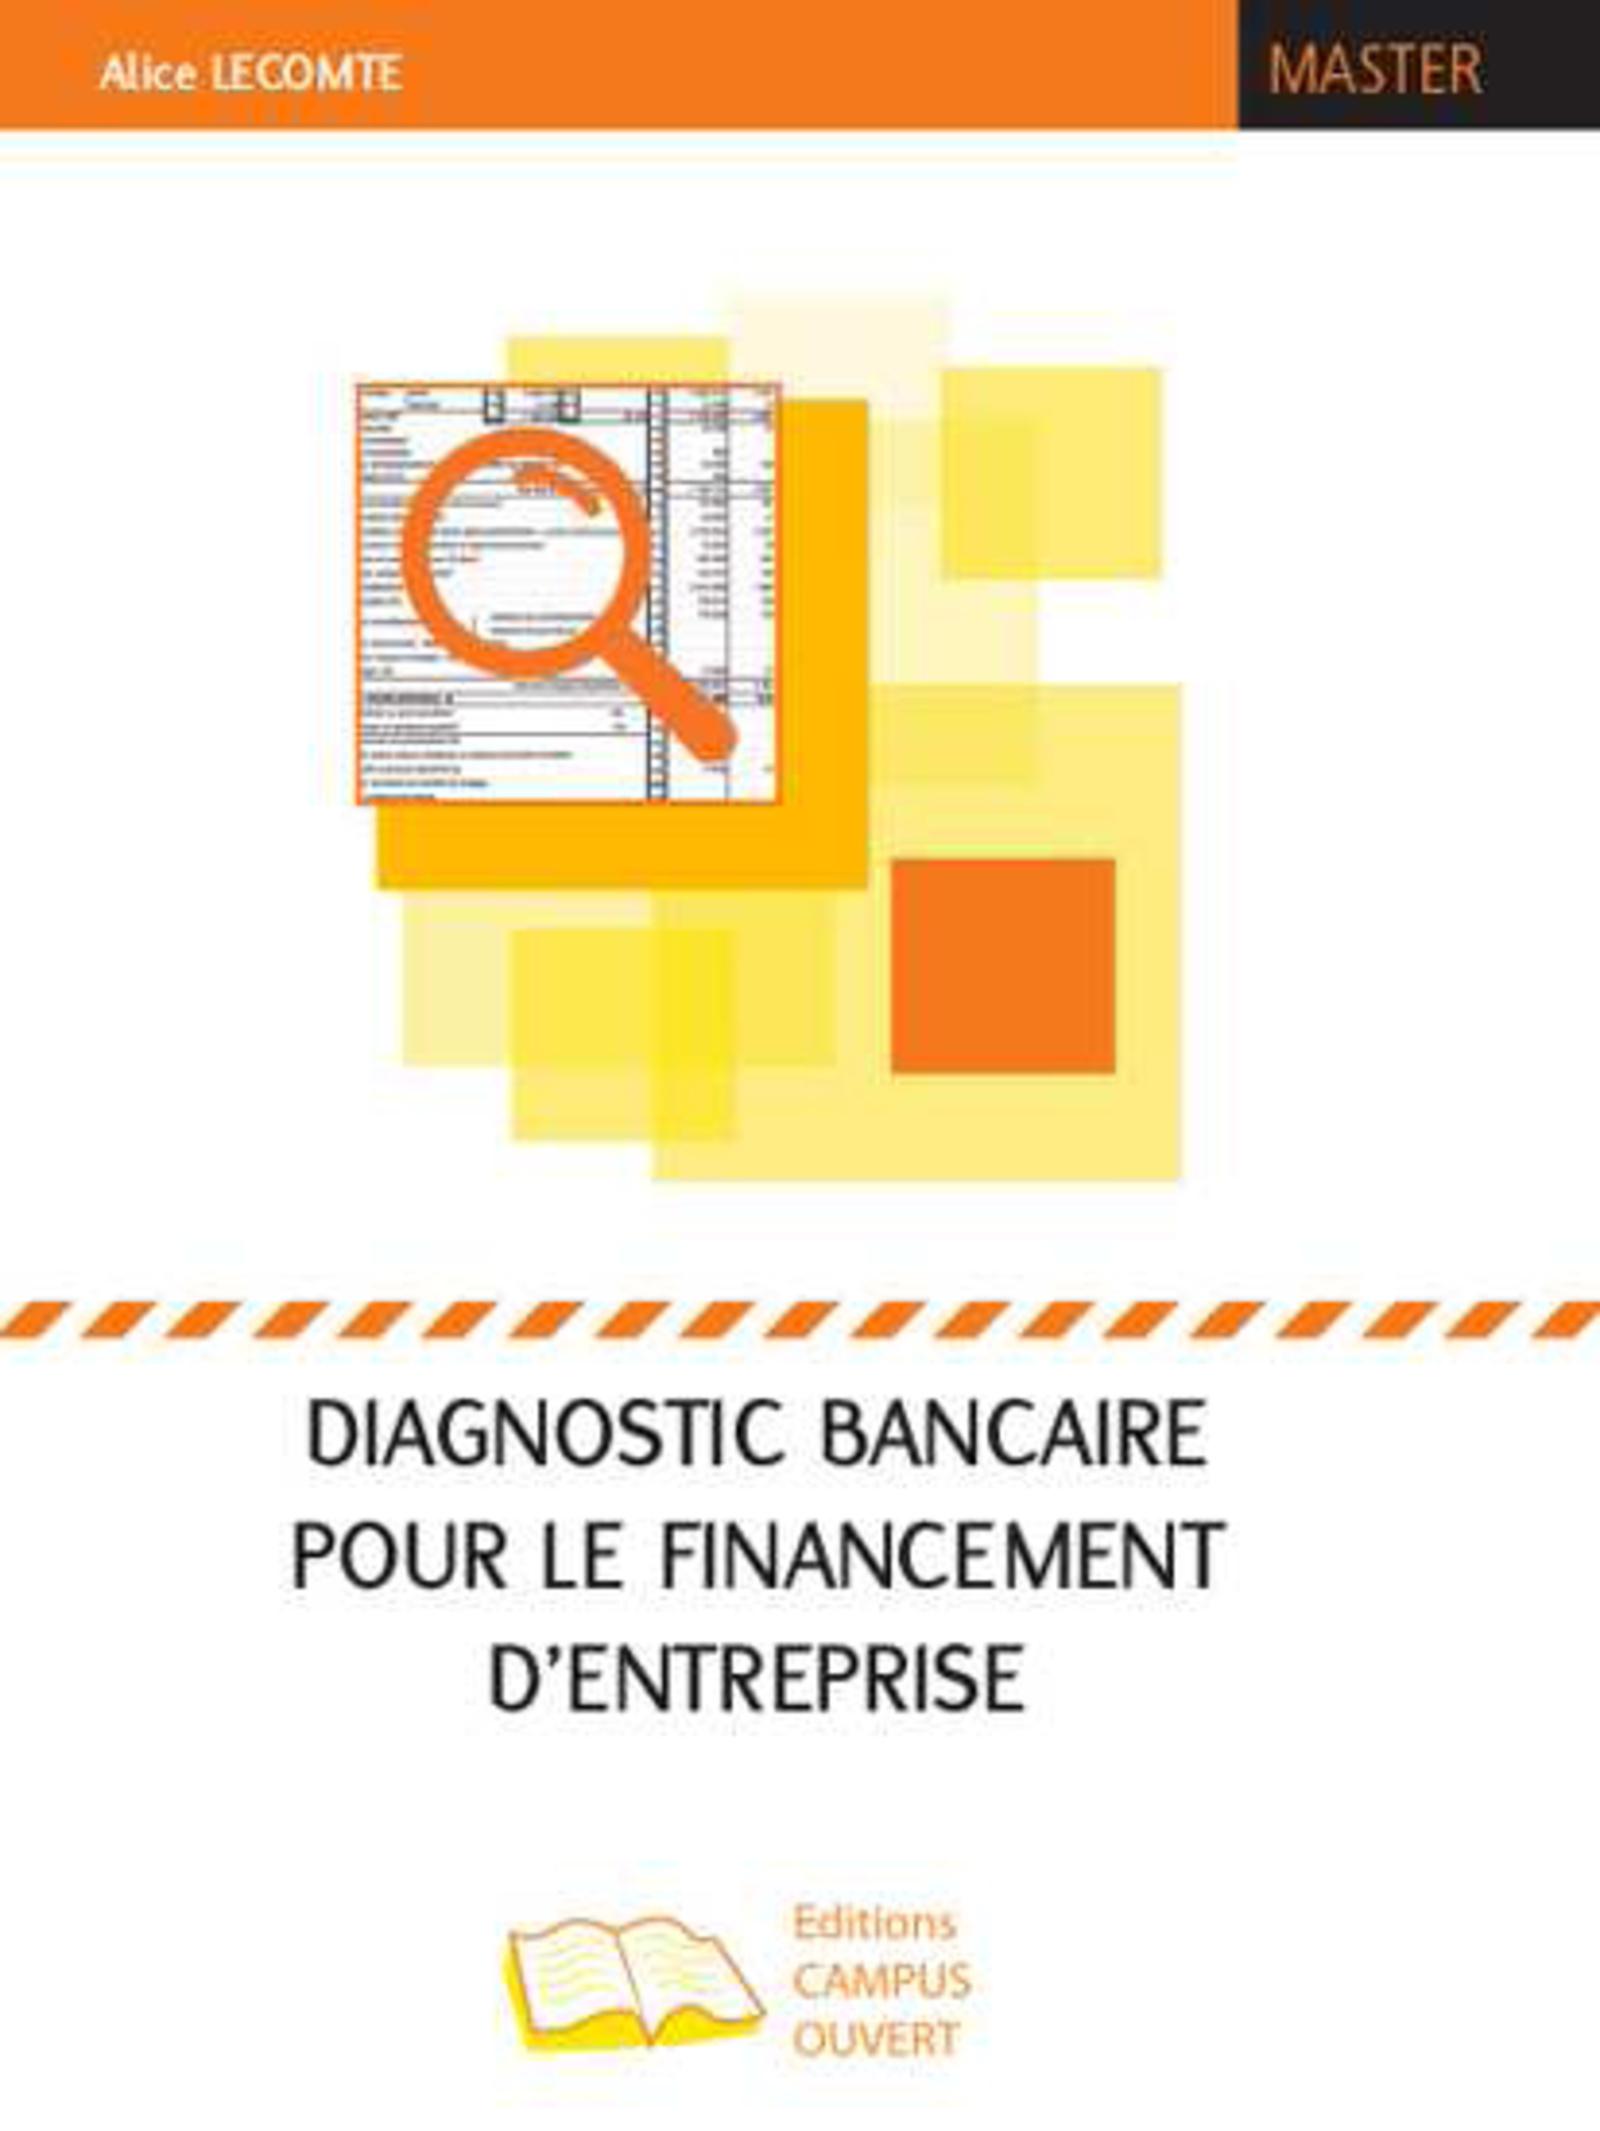 diagnostic bancaire pour le financement d 39 entreprise alice lecomte livre ebook epub. Black Bedroom Furniture Sets. Home Design Ideas